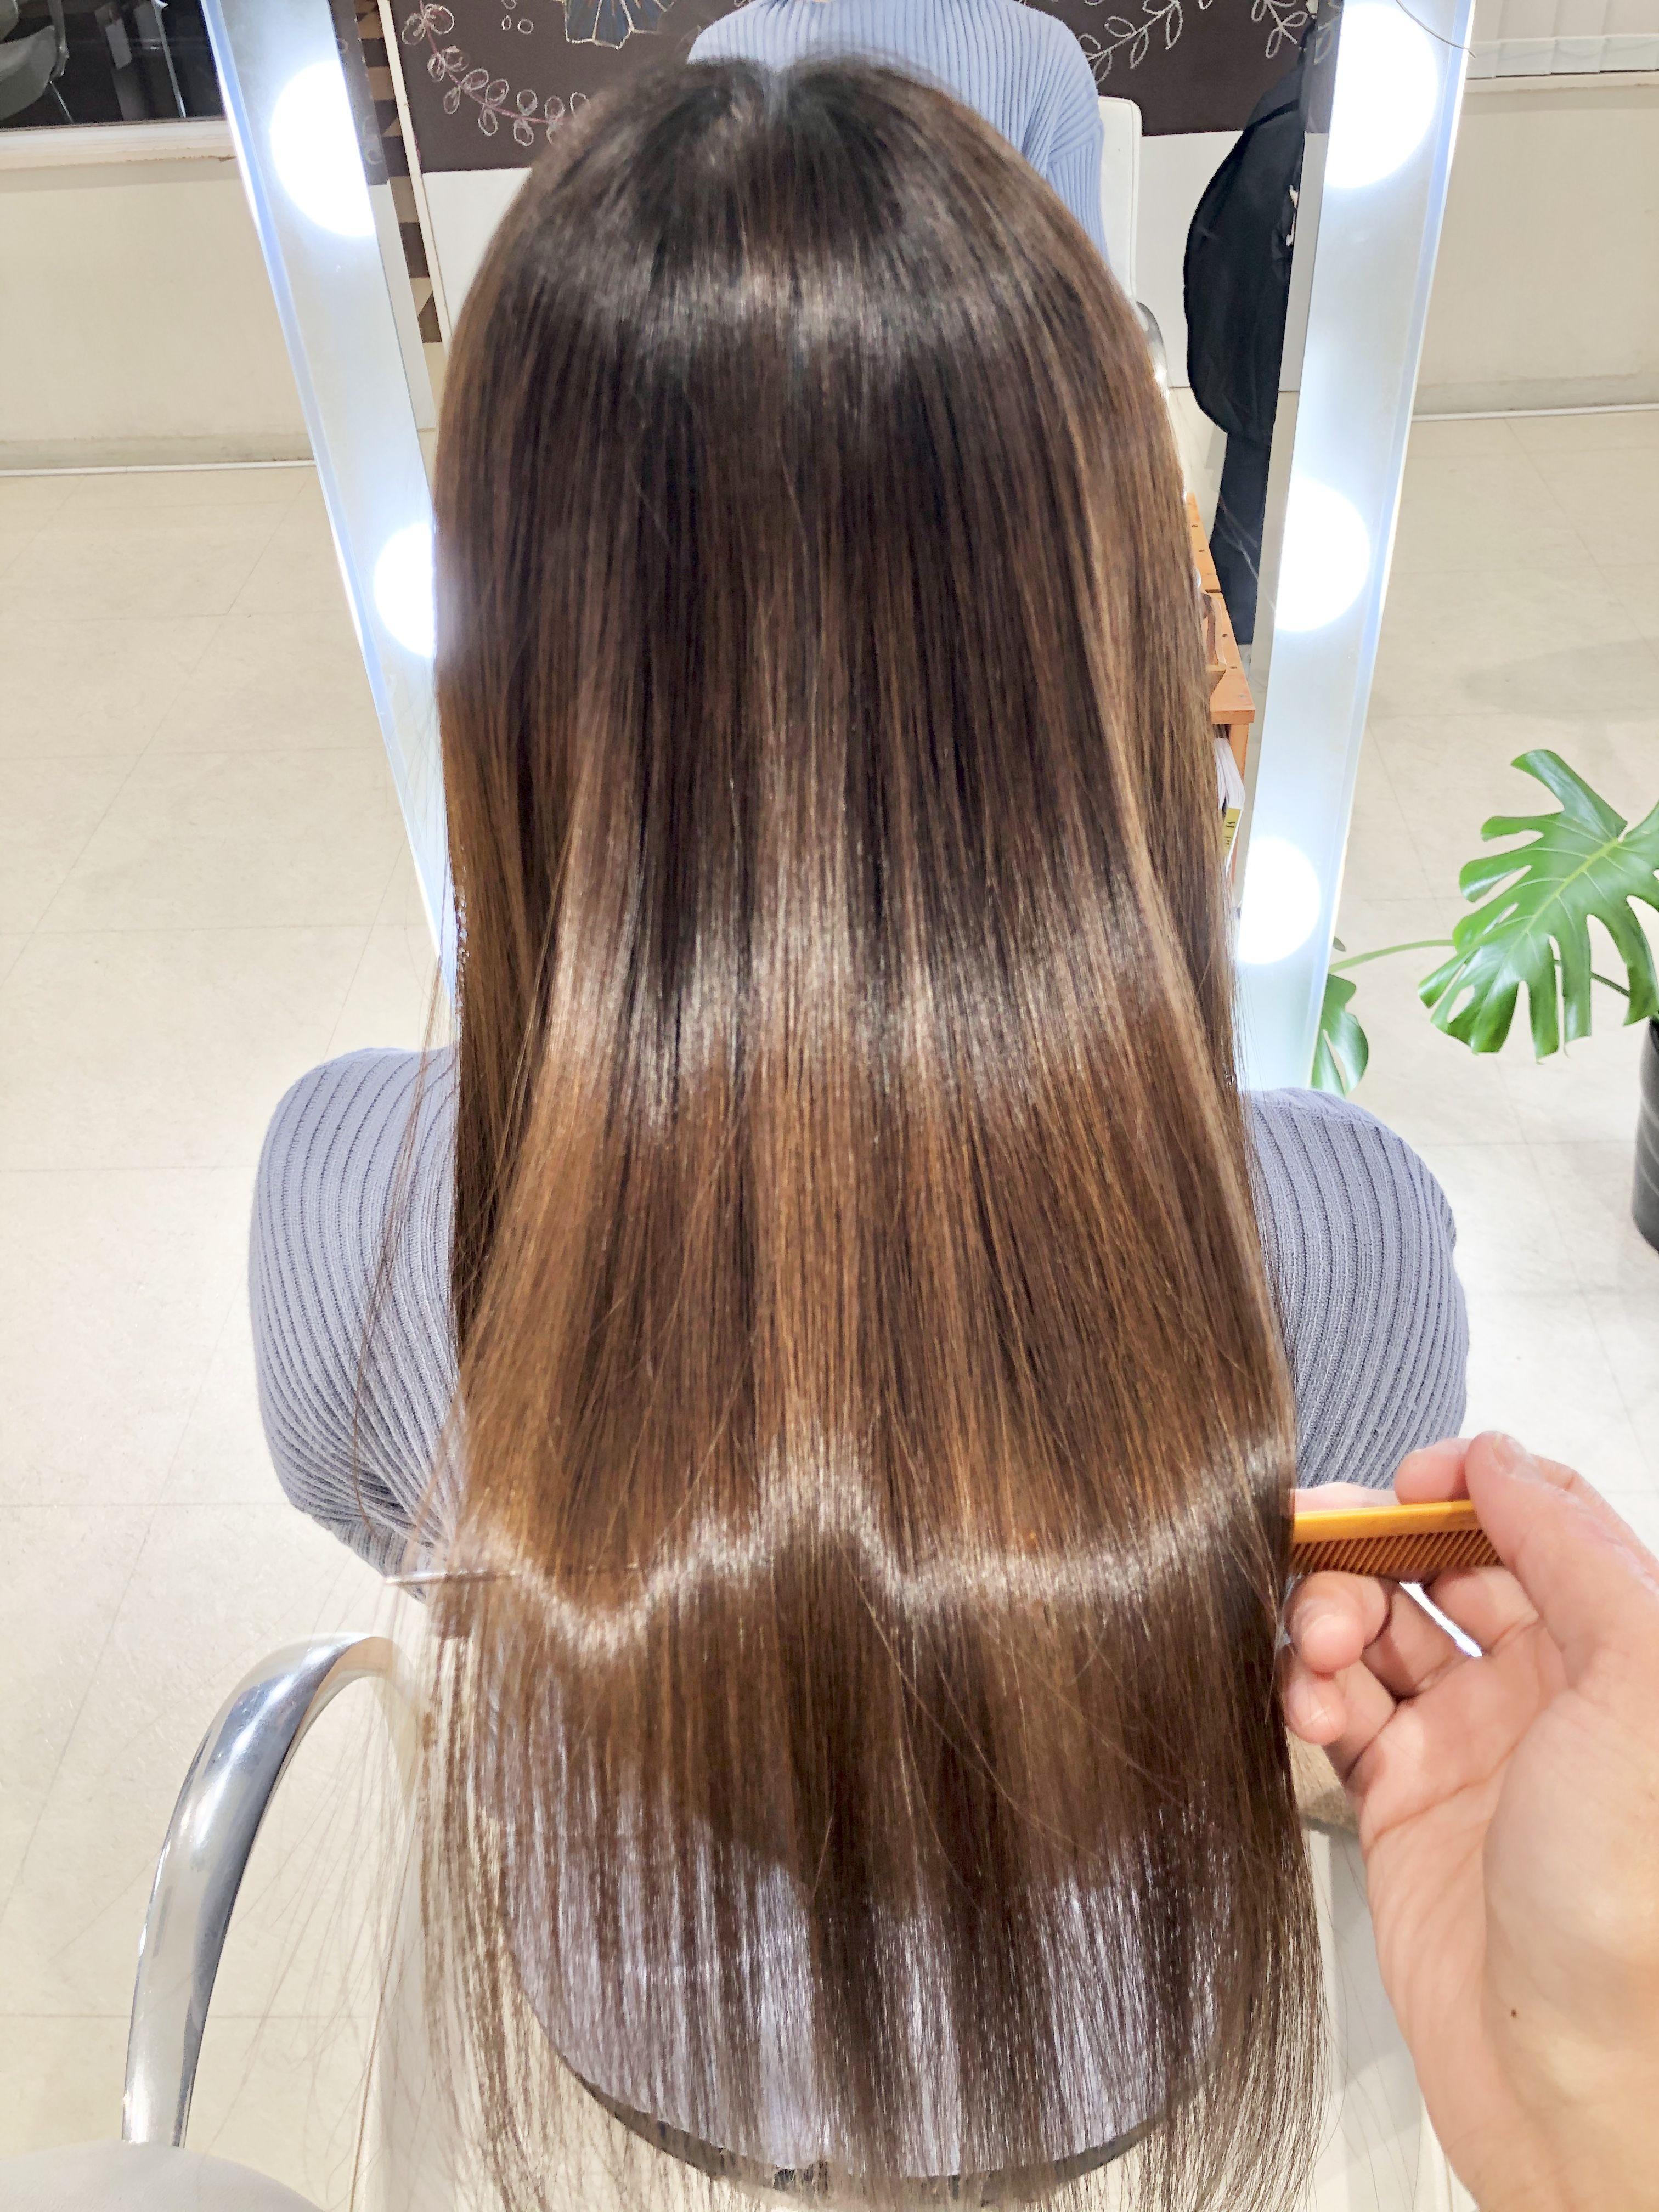 うる艶髪になれる質感調整 乾燥 静電気対策に 一宮 美容師 撮影